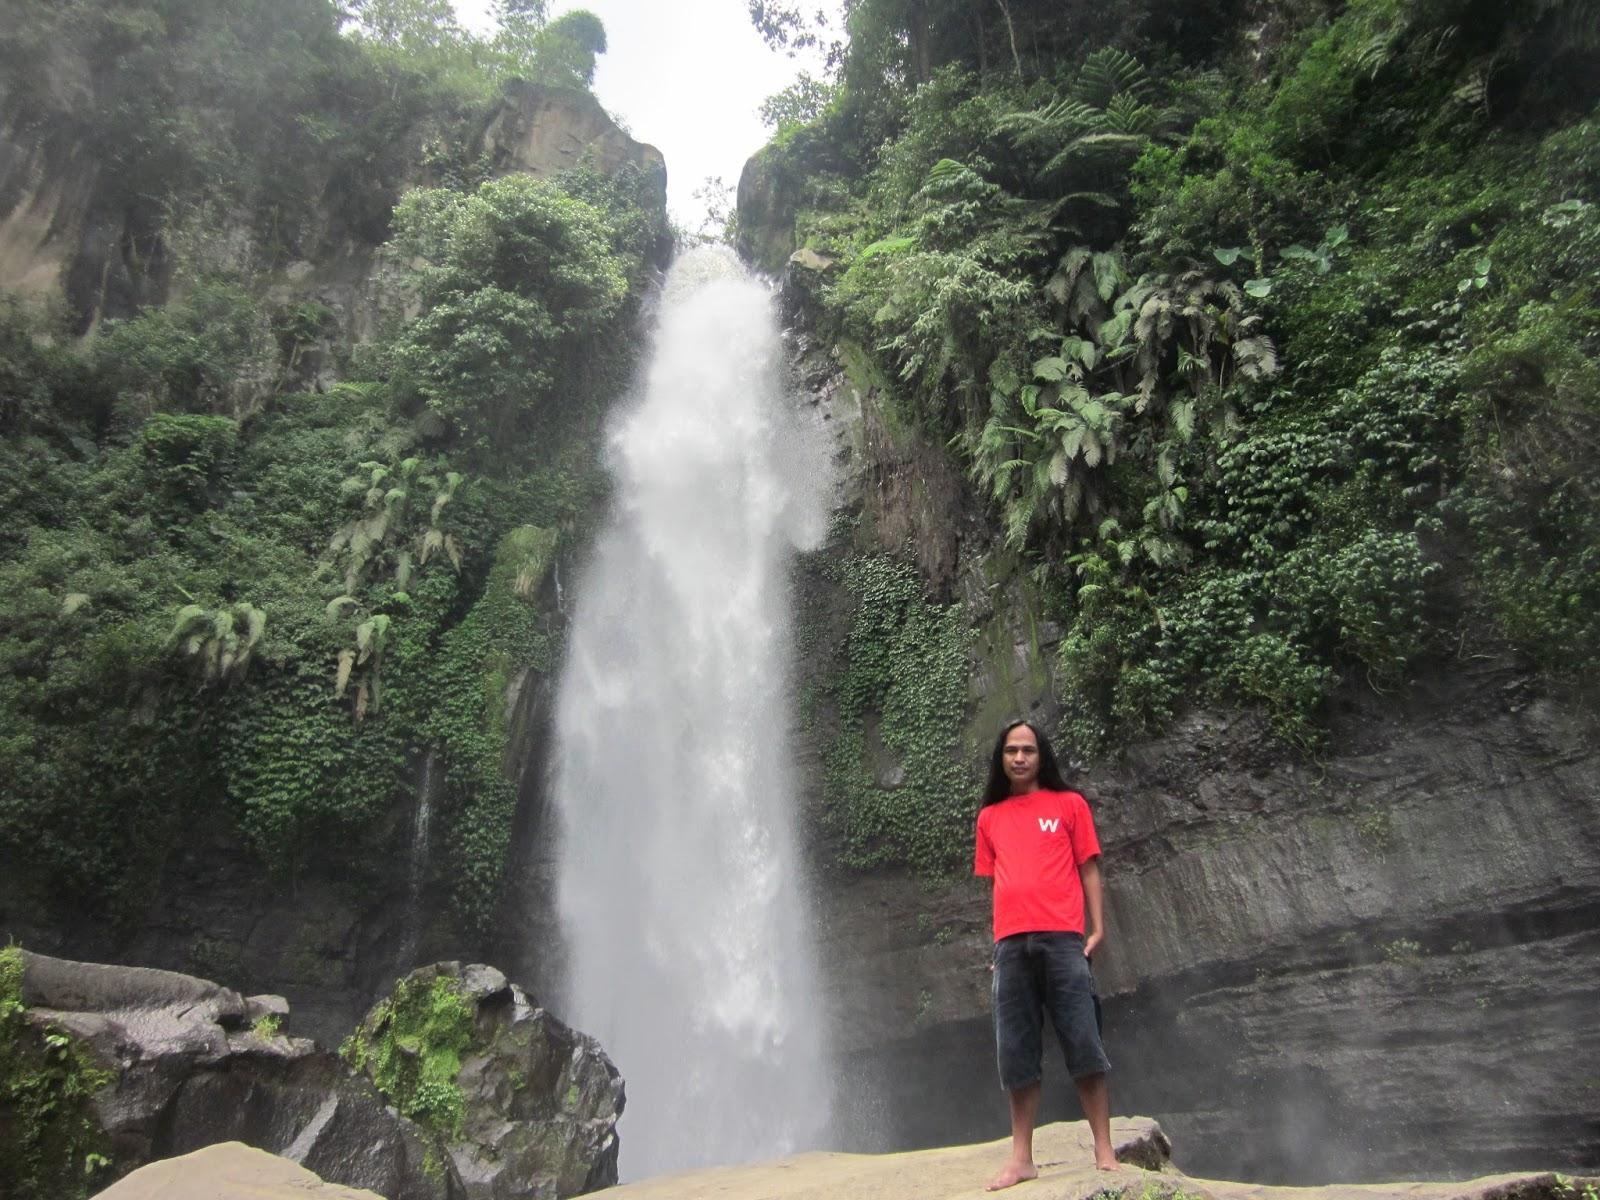 Air Terjun Wisata Malang Raya Whiempy Taman Hawai Kab